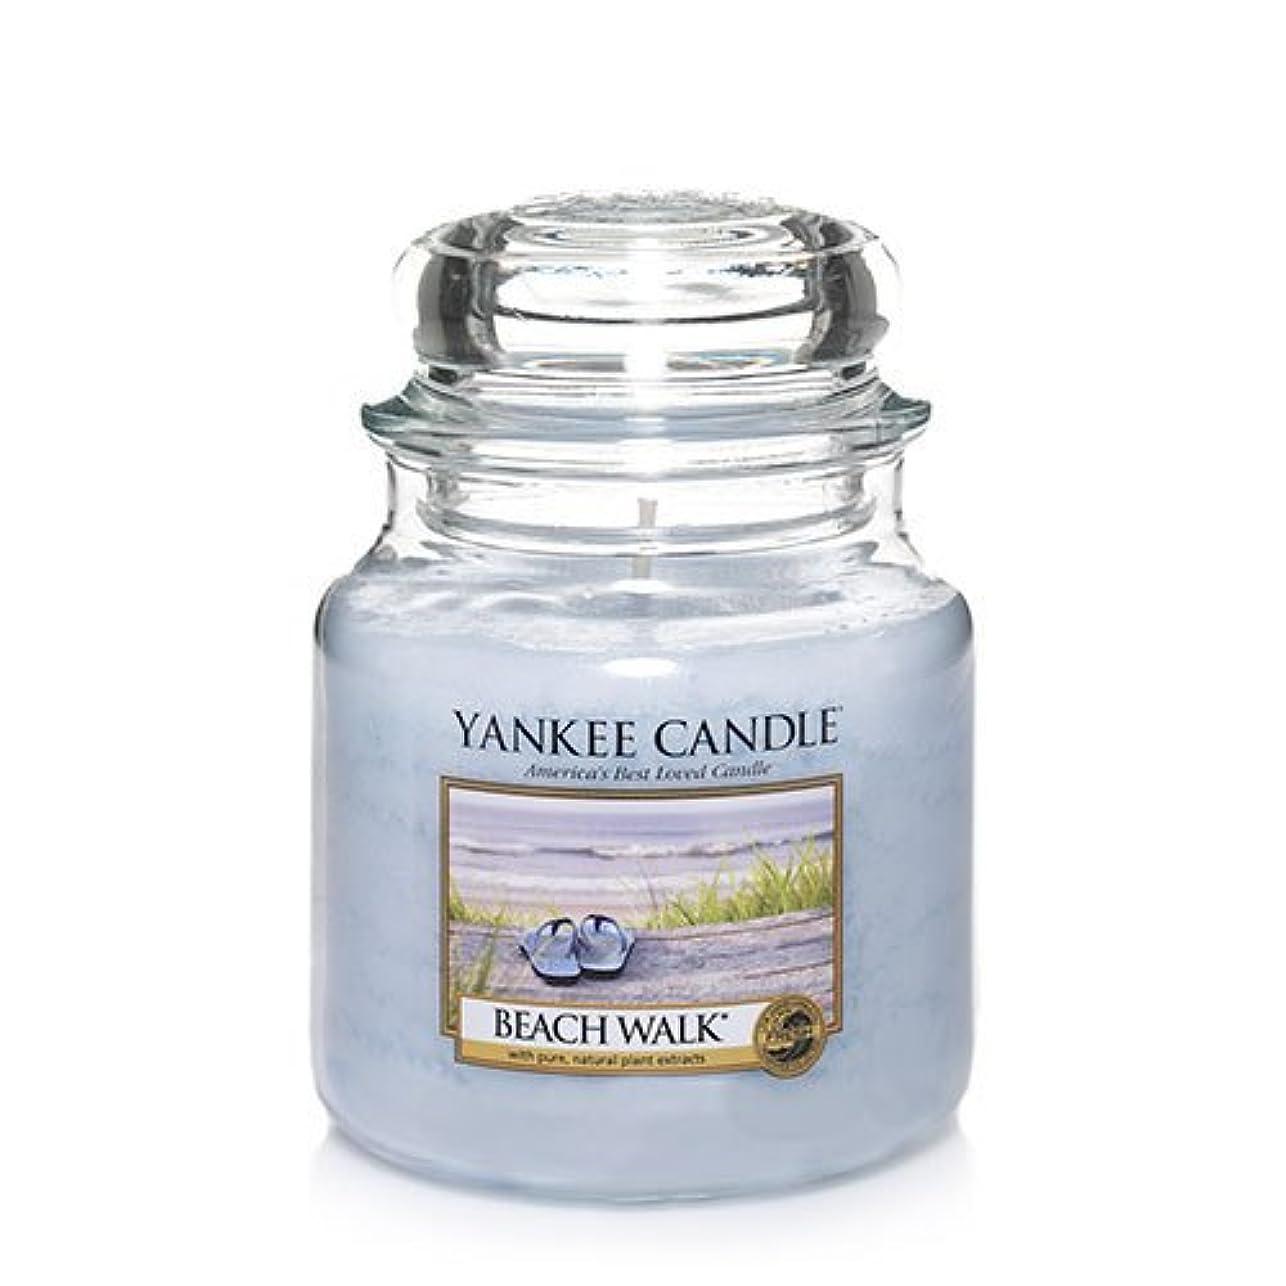 ミュウミュウ芸術的破滅的なYankee CandleビーチウォークMedium Jar Candle、新鮮な香り